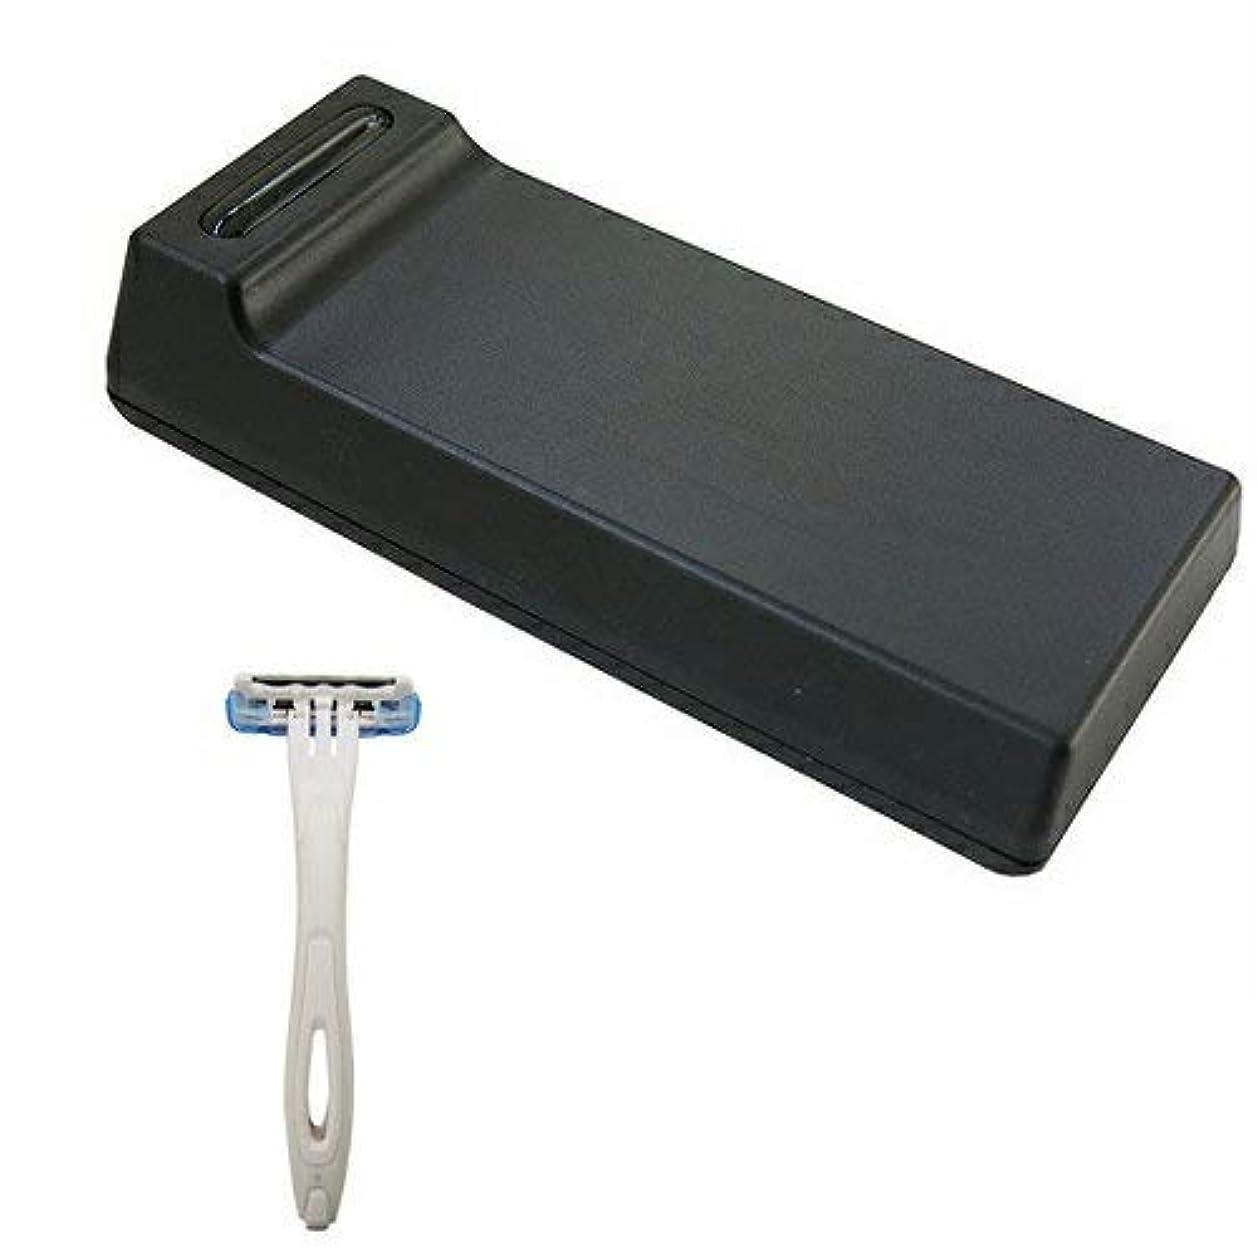 意志に反する縮れた多用途Cannelle カミソリ刃クリーナー BladeTech ブレードテック + 貝印 使い捨てカミソリ3枚刃